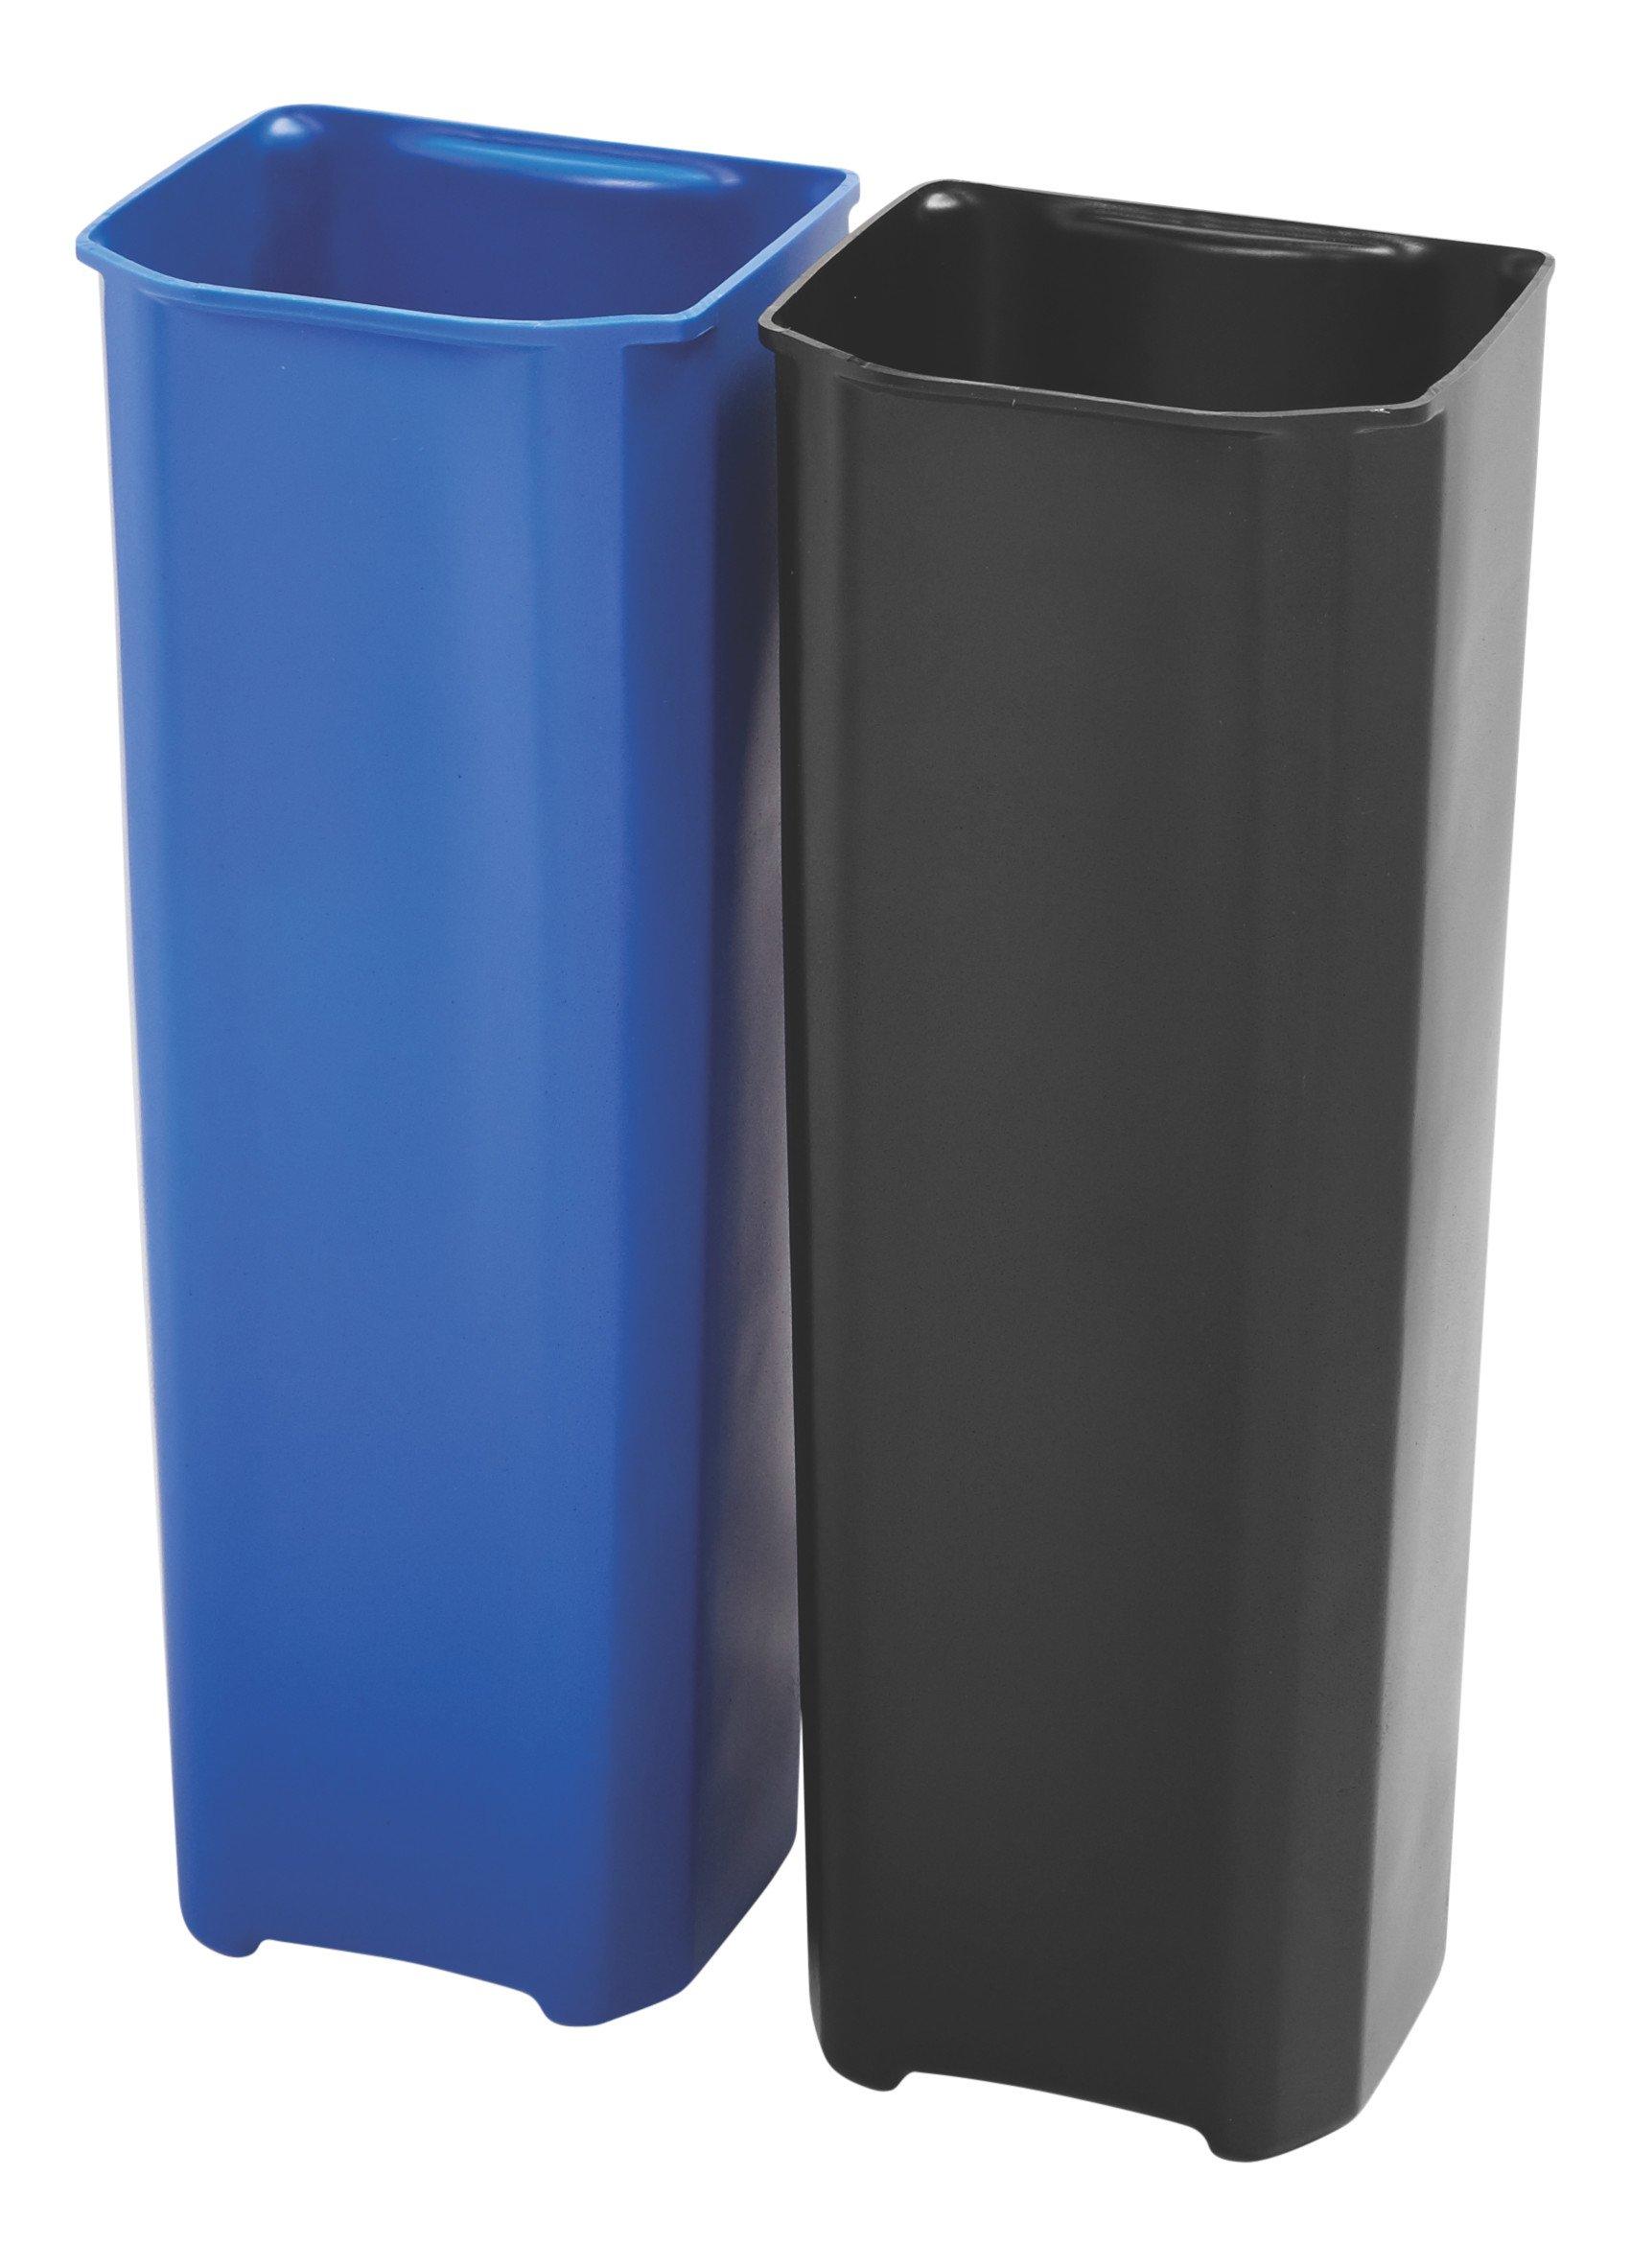 Rubbermaid Commercial Slim Jim End Step-On Trash Dual Rigid Liner Set, Metal, 24 Gallon, Black/Blue